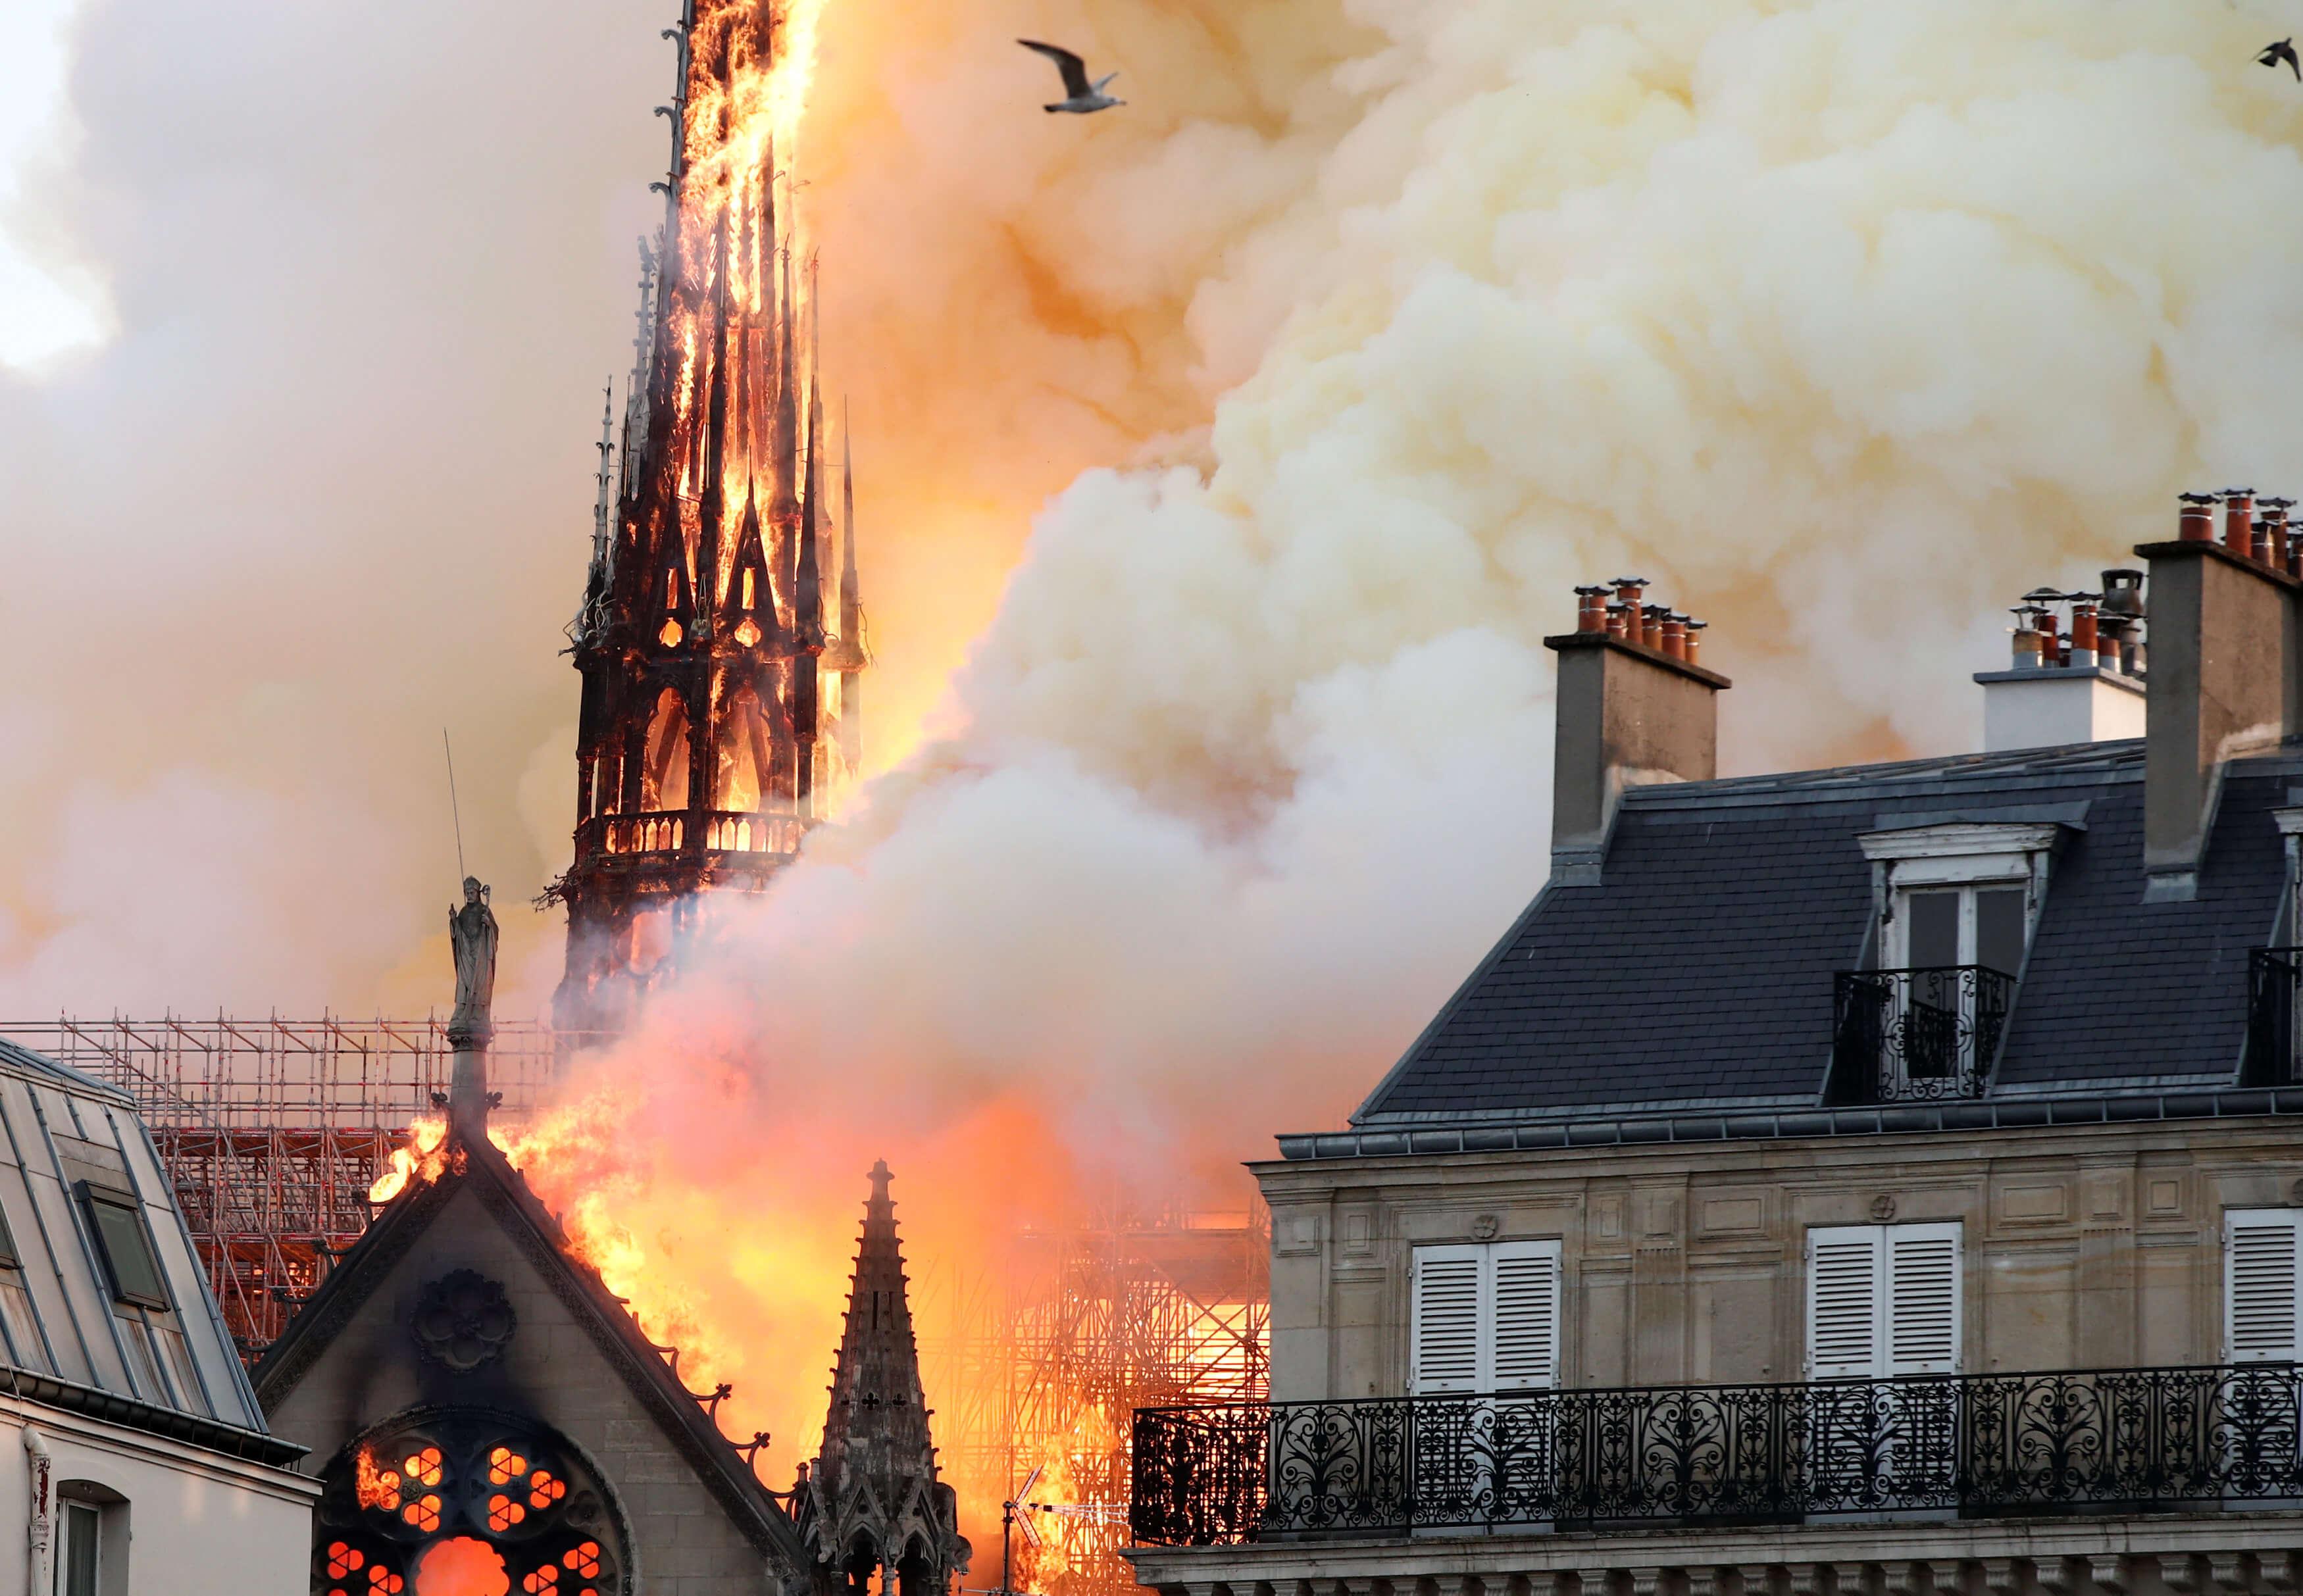 Παναγία των Παρισίων: Η Ουνέσκο στο πλευρό της Γαλλίας για αποκατάσταση του ναού